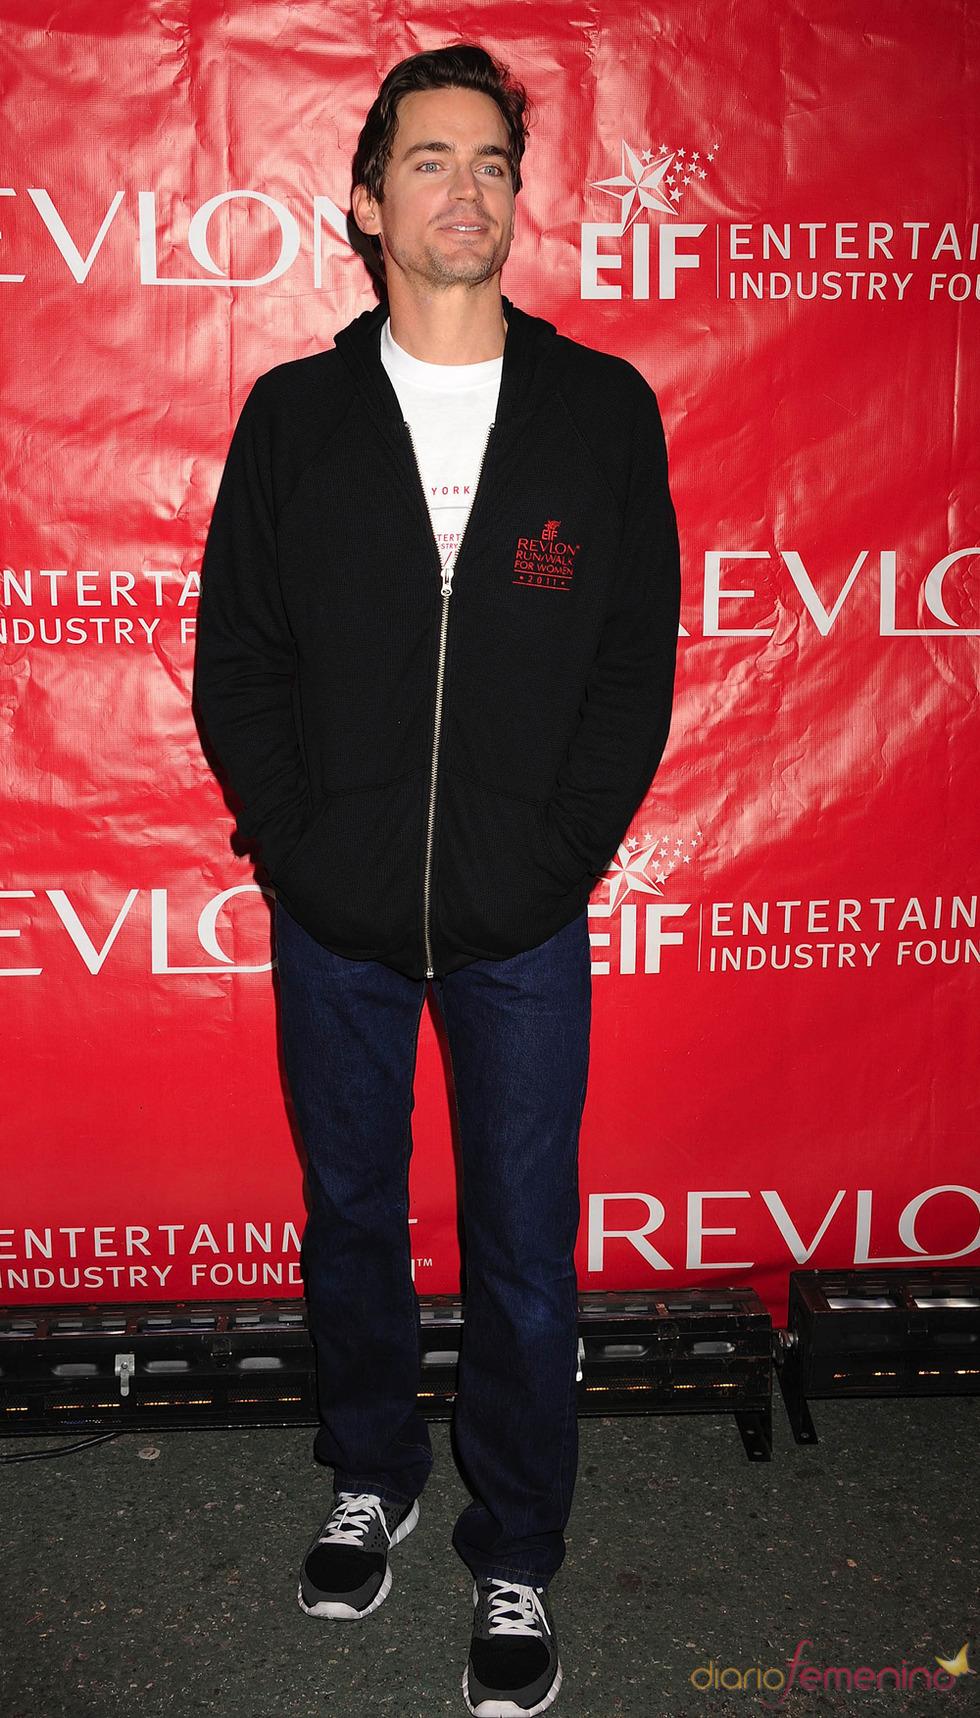 El actor Matt Bomer, protagonista de Ladrón de guante blanco en 2011